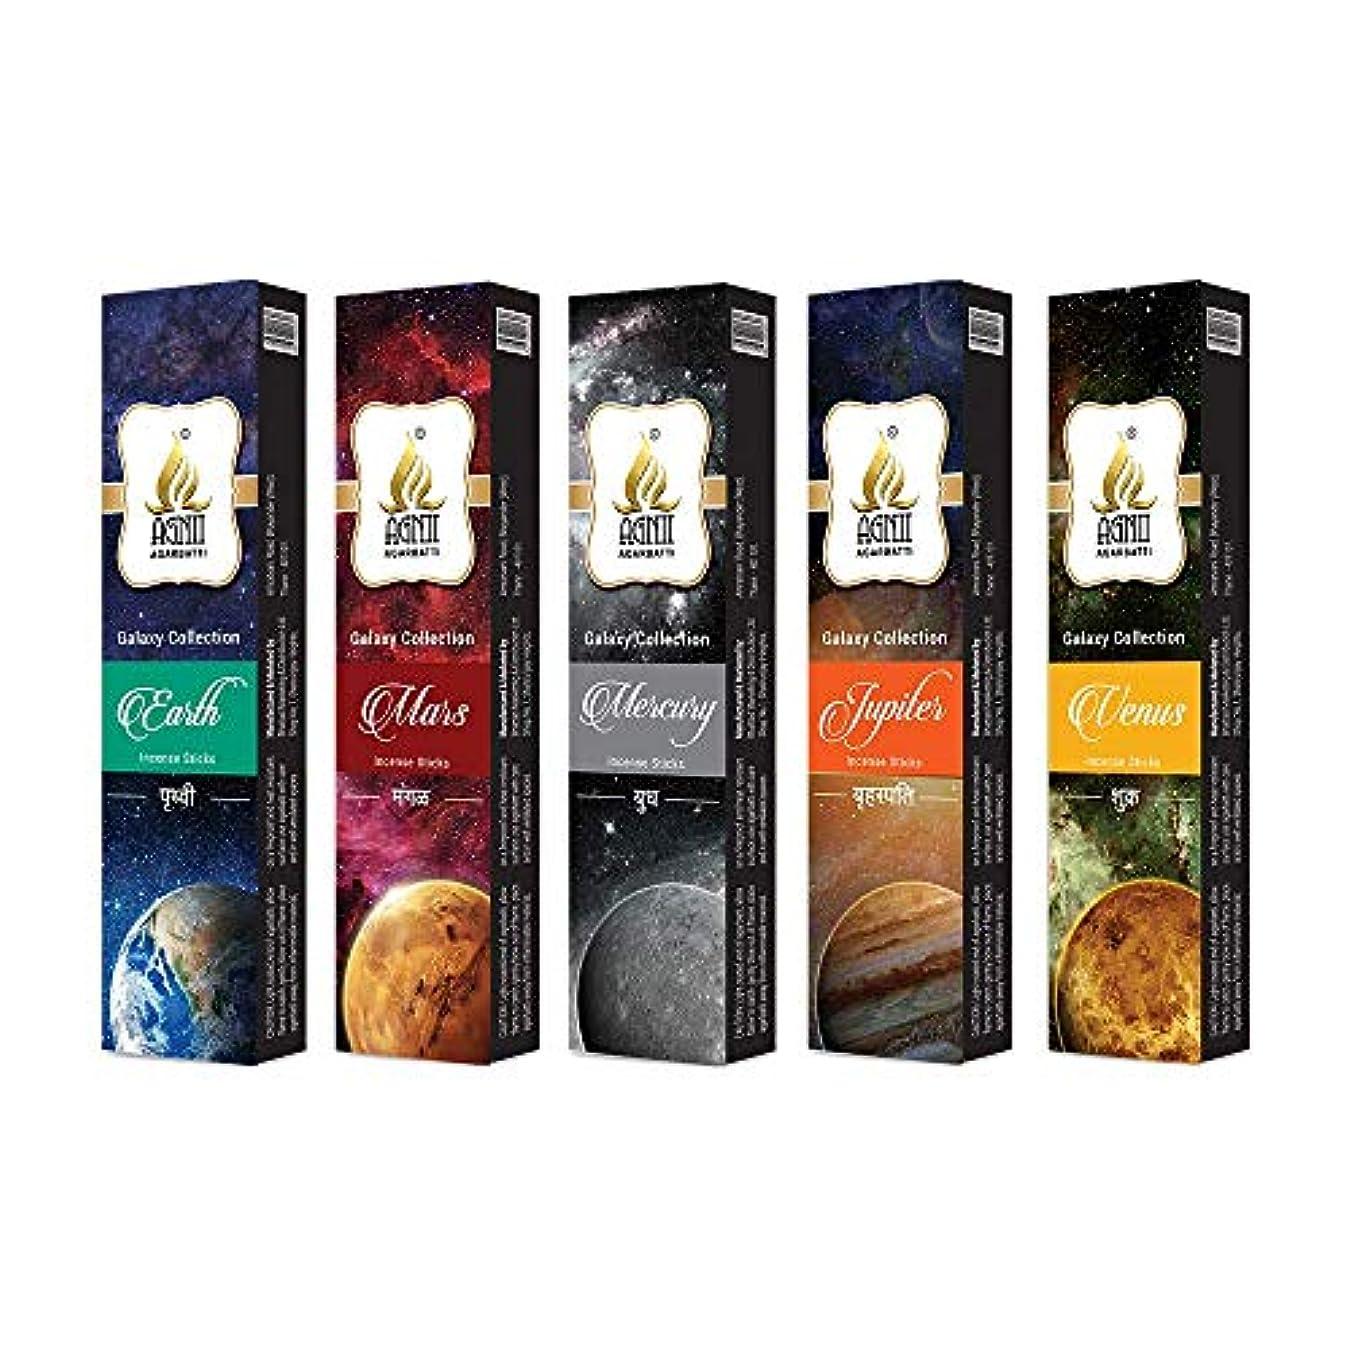 予言する中性しっとりAGNII AGARBATTI Galaxy Collection Incense Sticks (100 GRM_Brown) Pack of 9